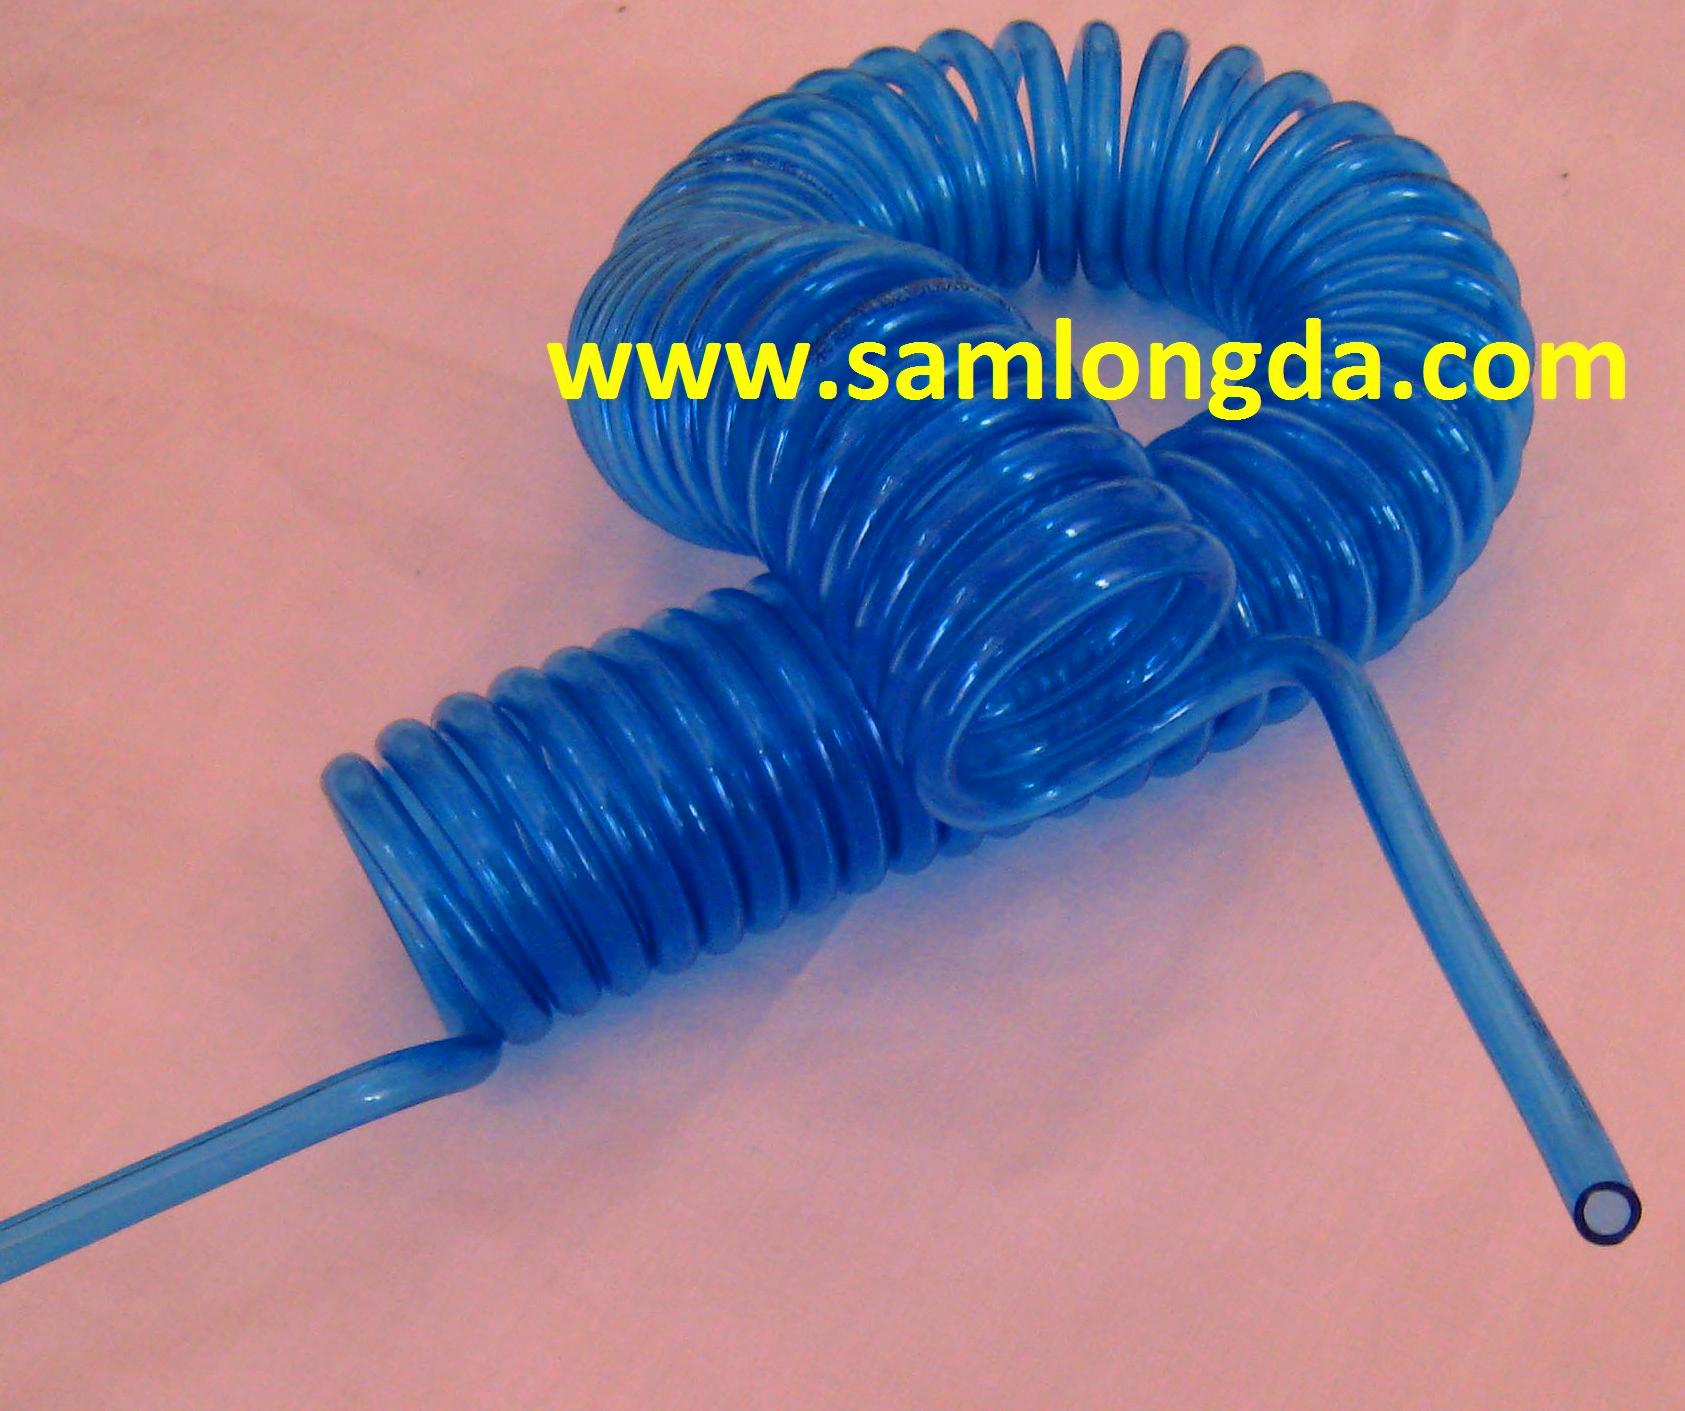 PU coil tube, PU Spiral Hose, Air Hose, pneumatic tubing - Coil Air Hose